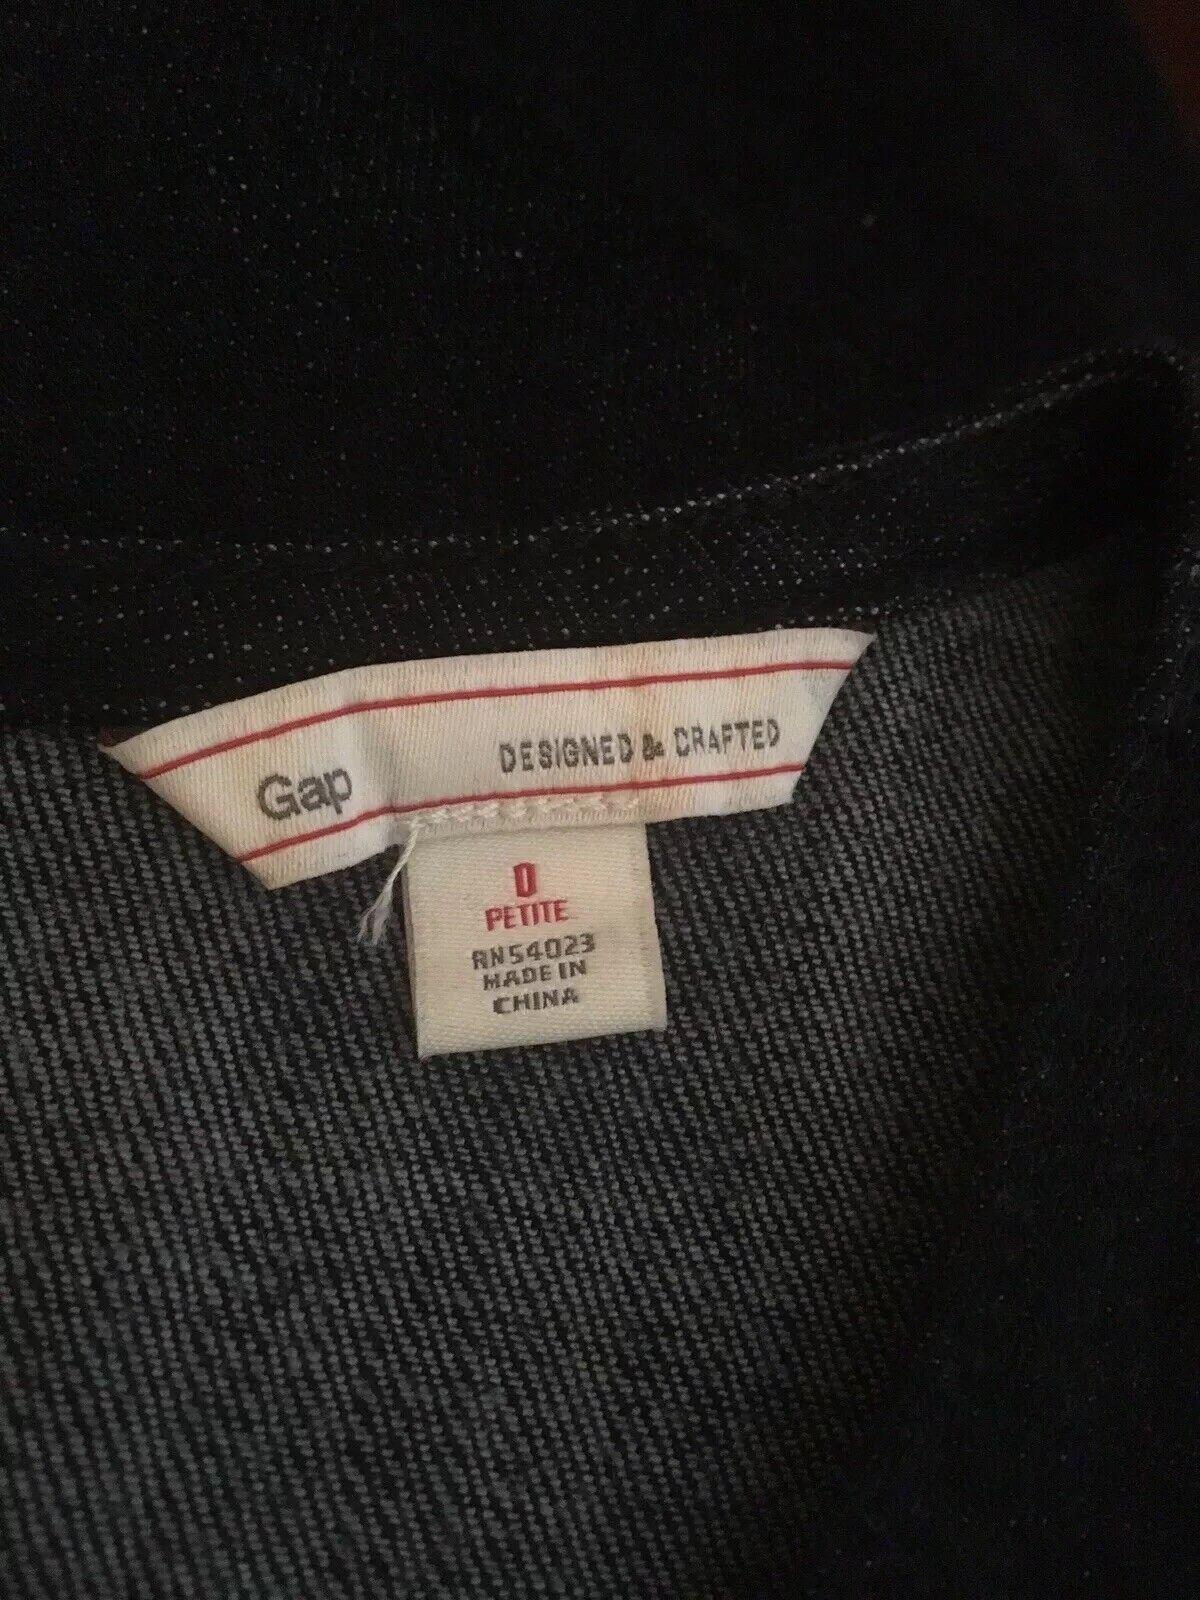 Gap Dark Wash Denim Jumper Dress Polka Dots Sz 0 … - image 5